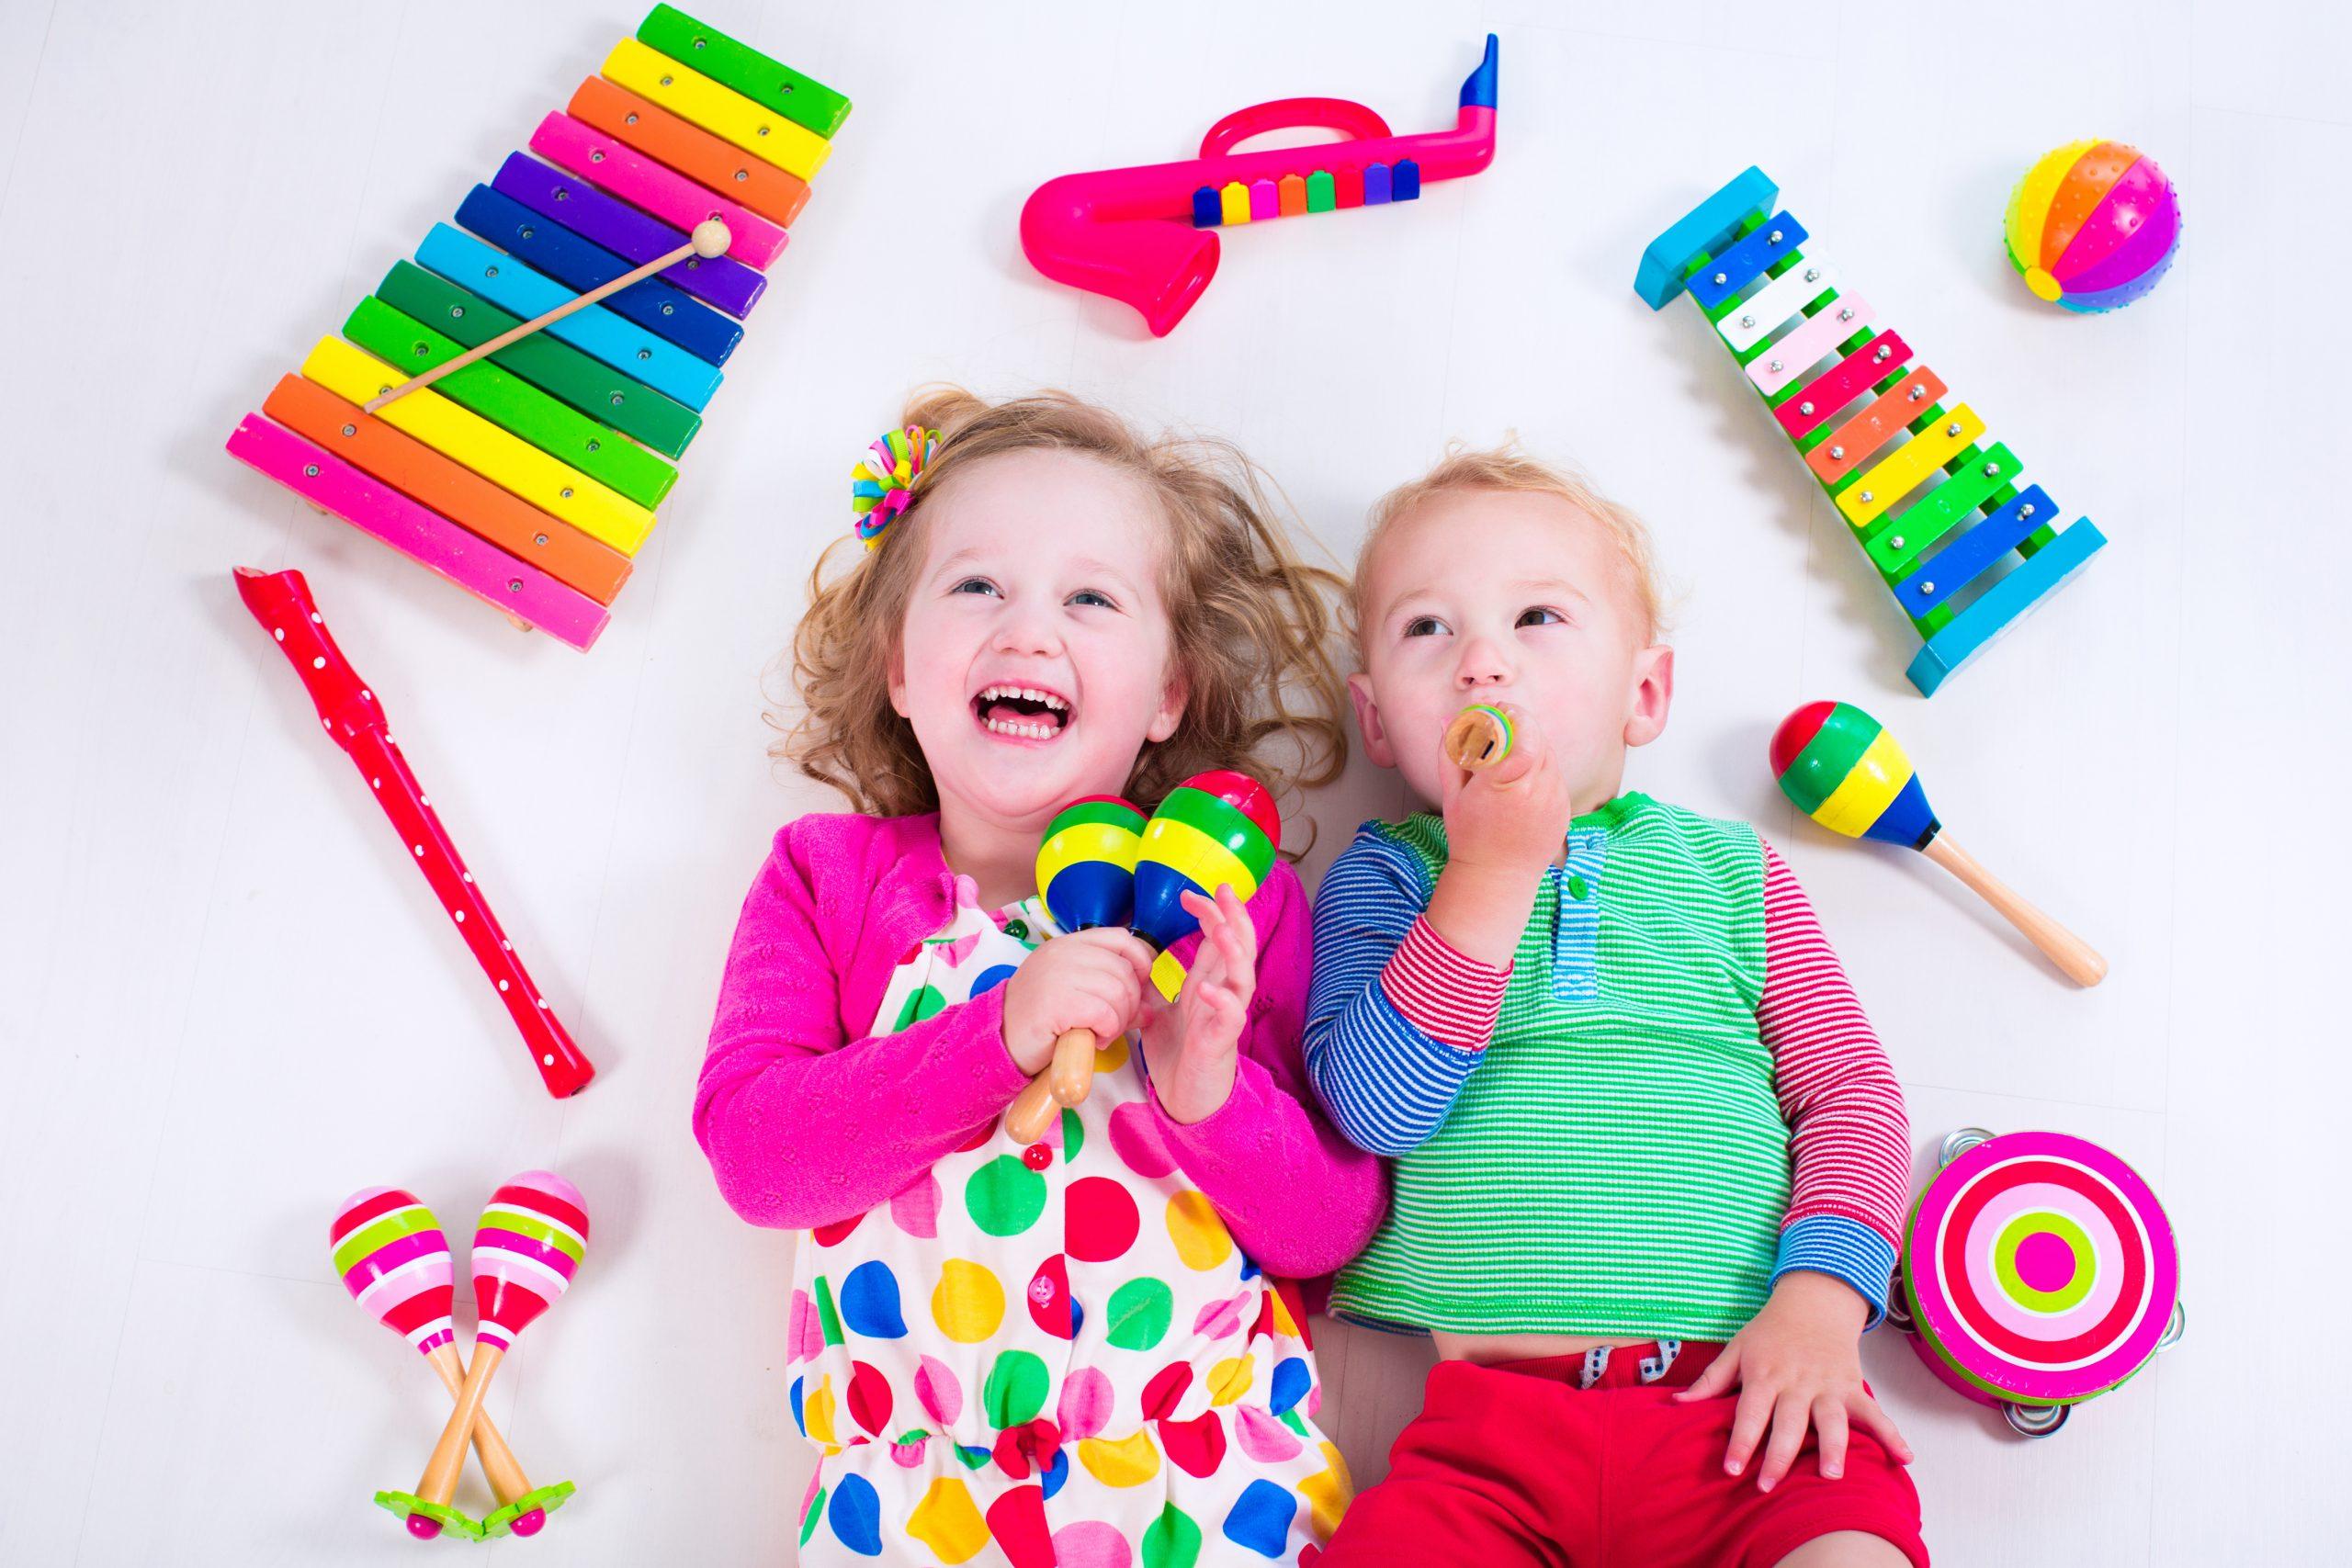 15 лучших музыкальных игрушек для детей в 2021 году